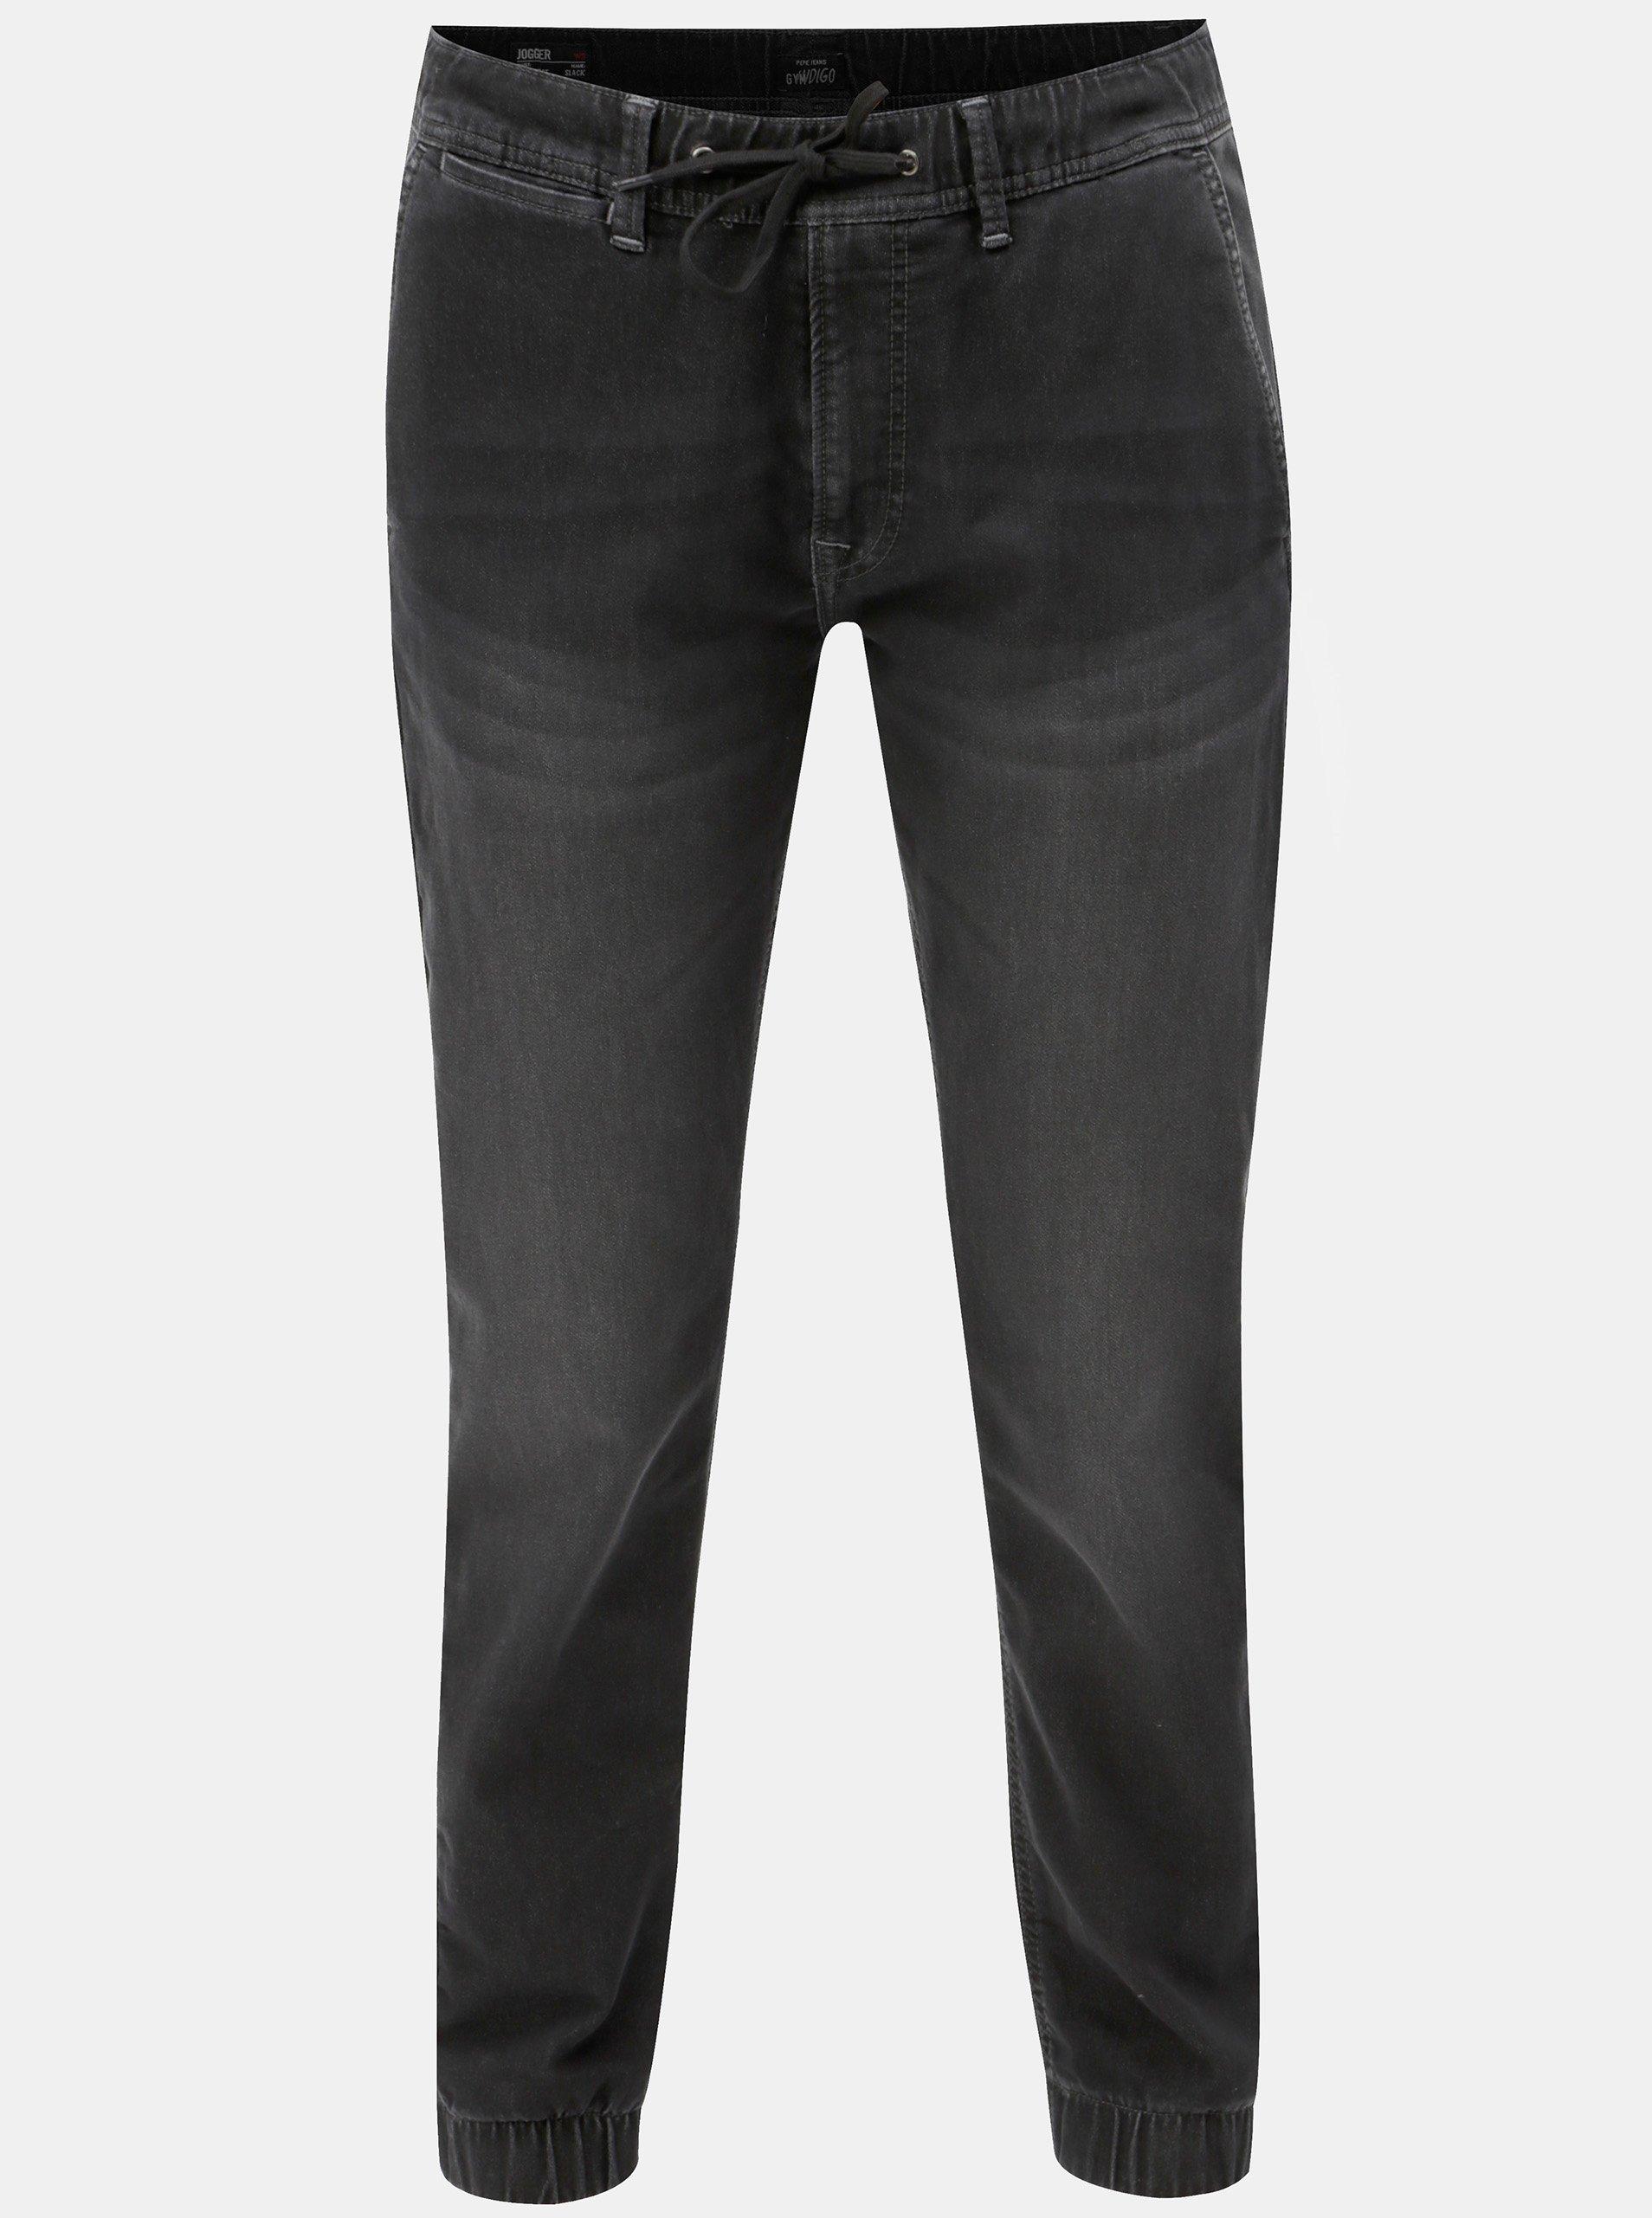 82441361ddf Černé pánské kalhoty s elastickým pasem Pepe Jeans